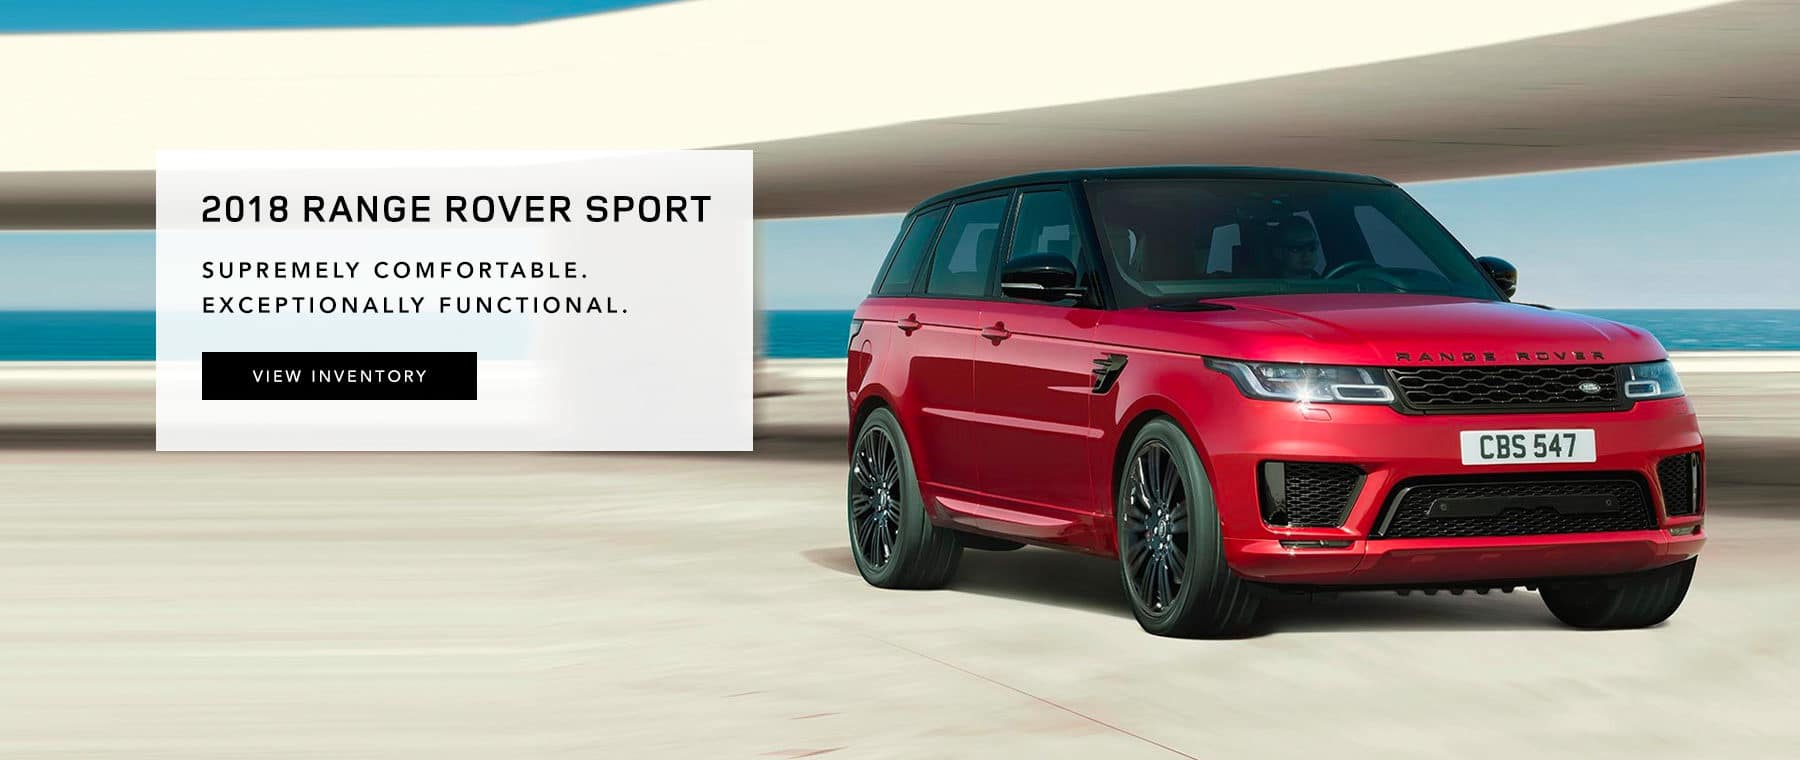 Range Rover Sport Banner